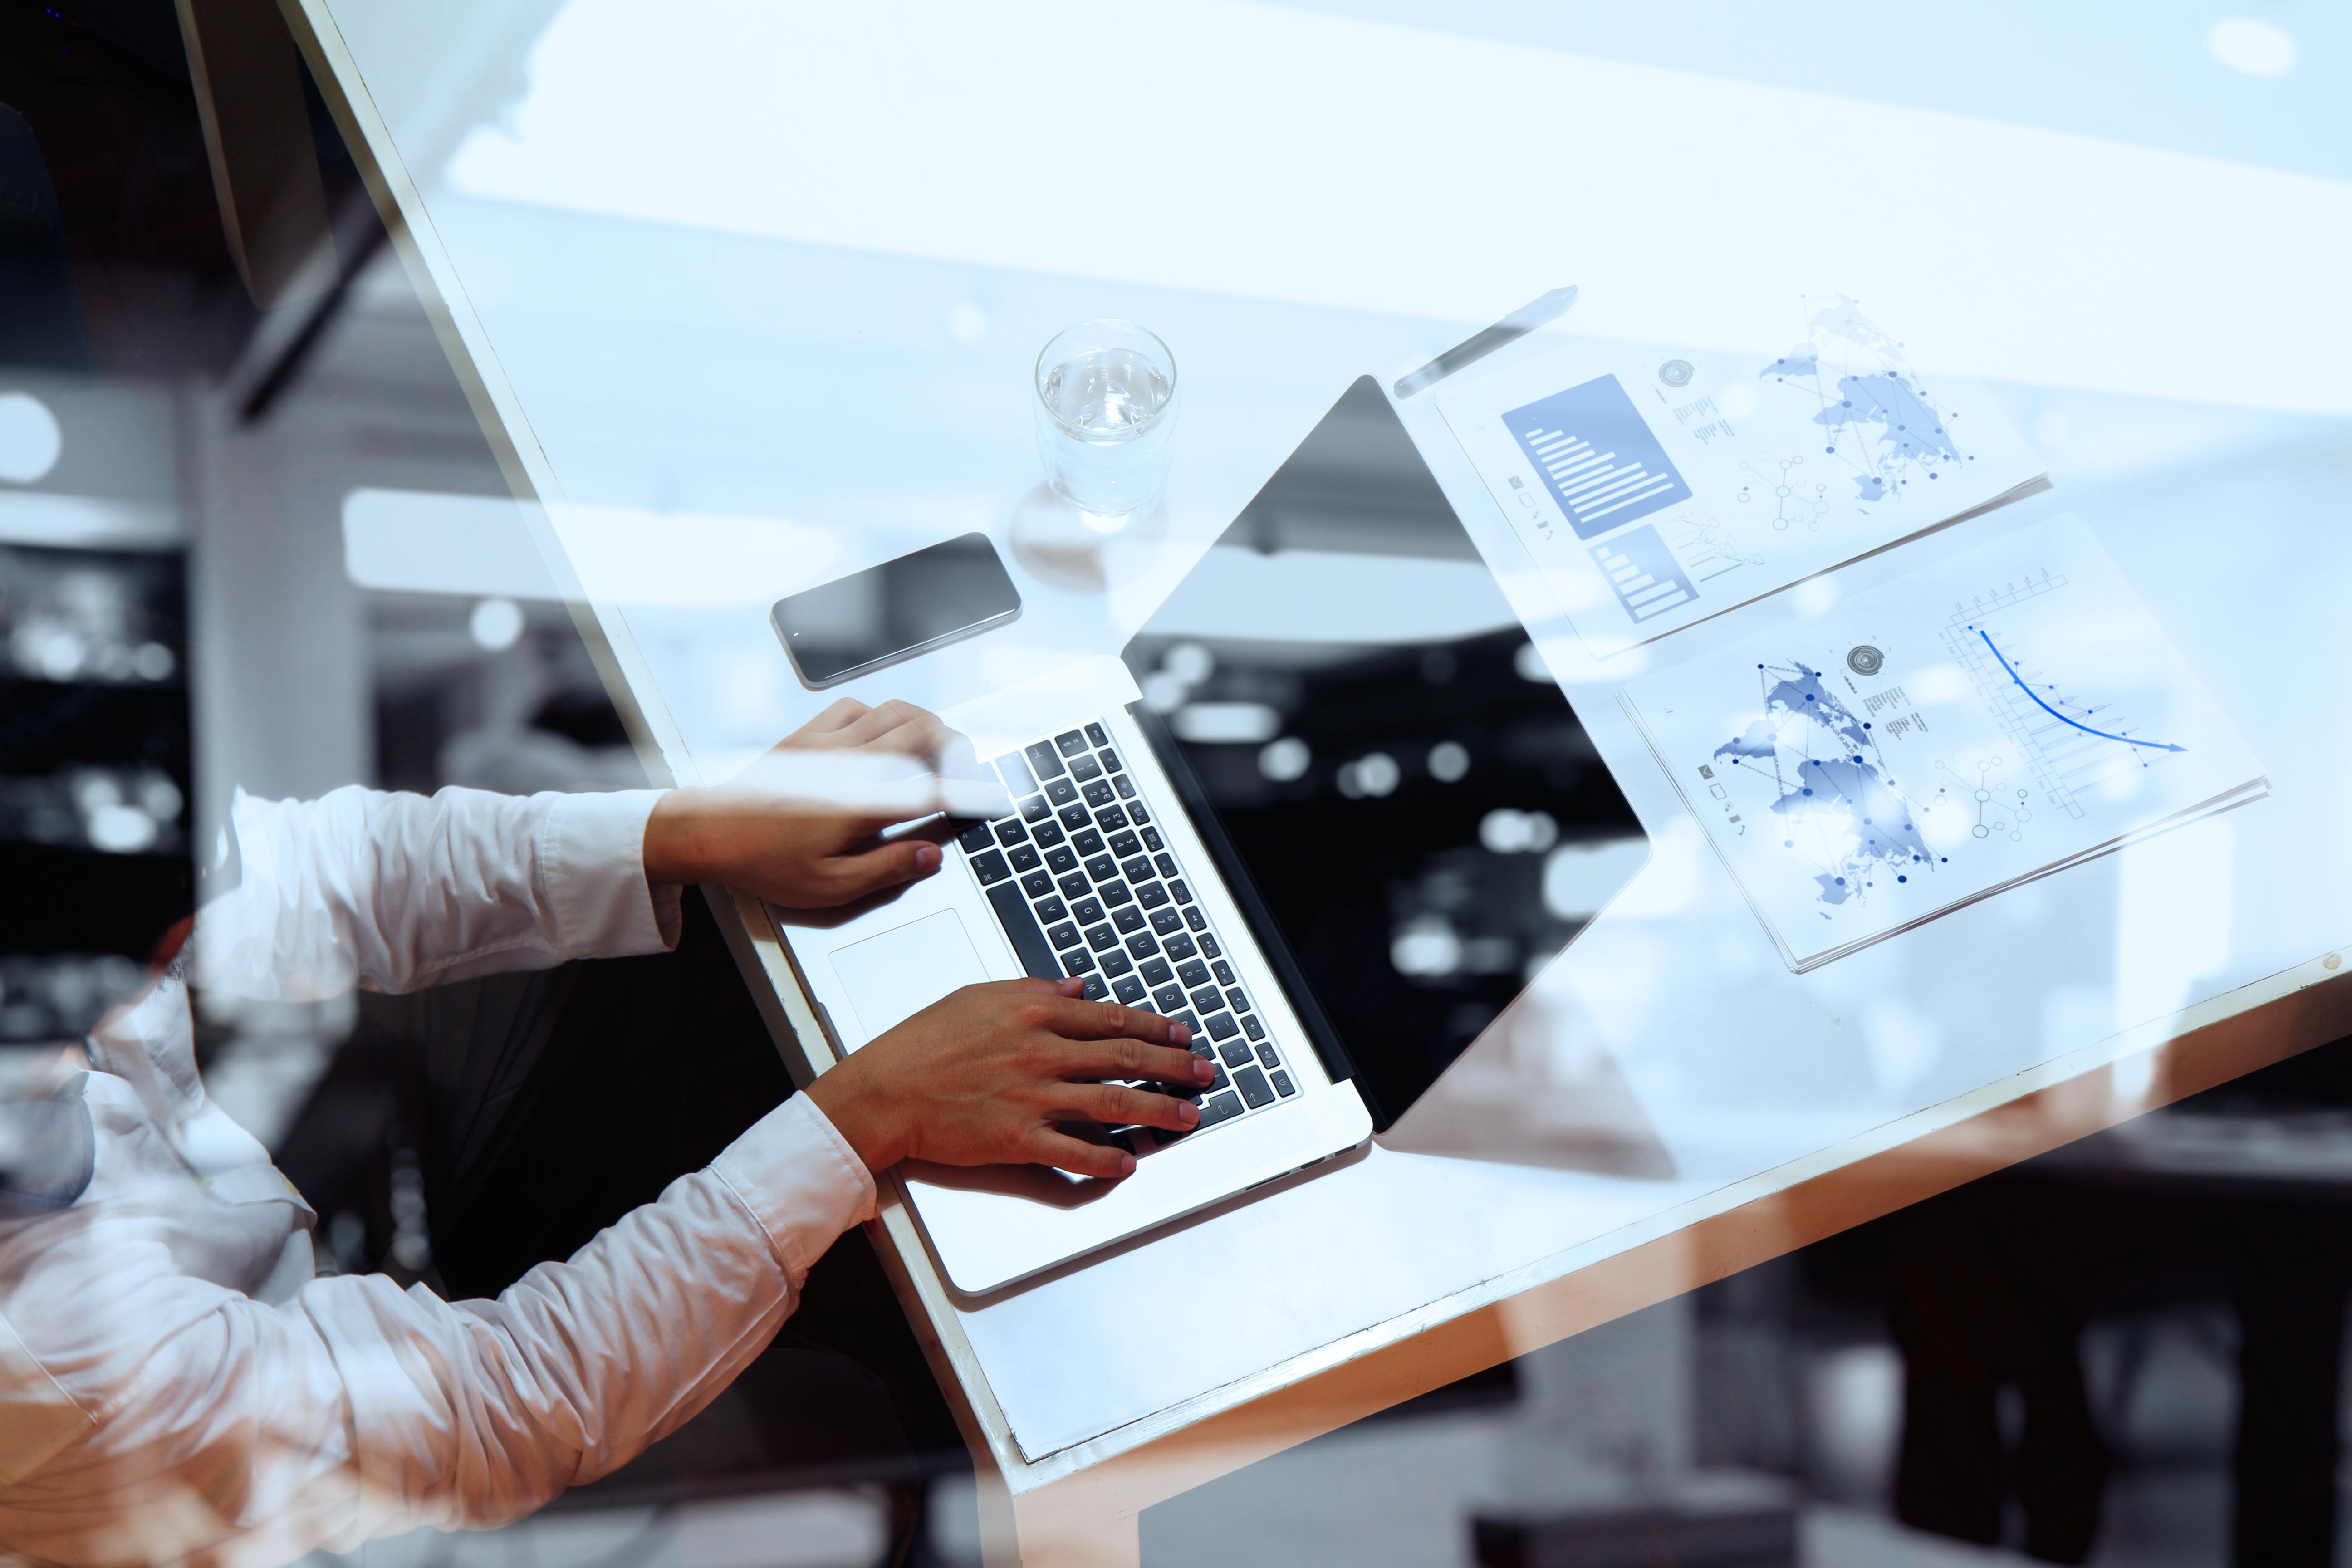 TAAItaly-it-digitalizzazione_processi_azienda